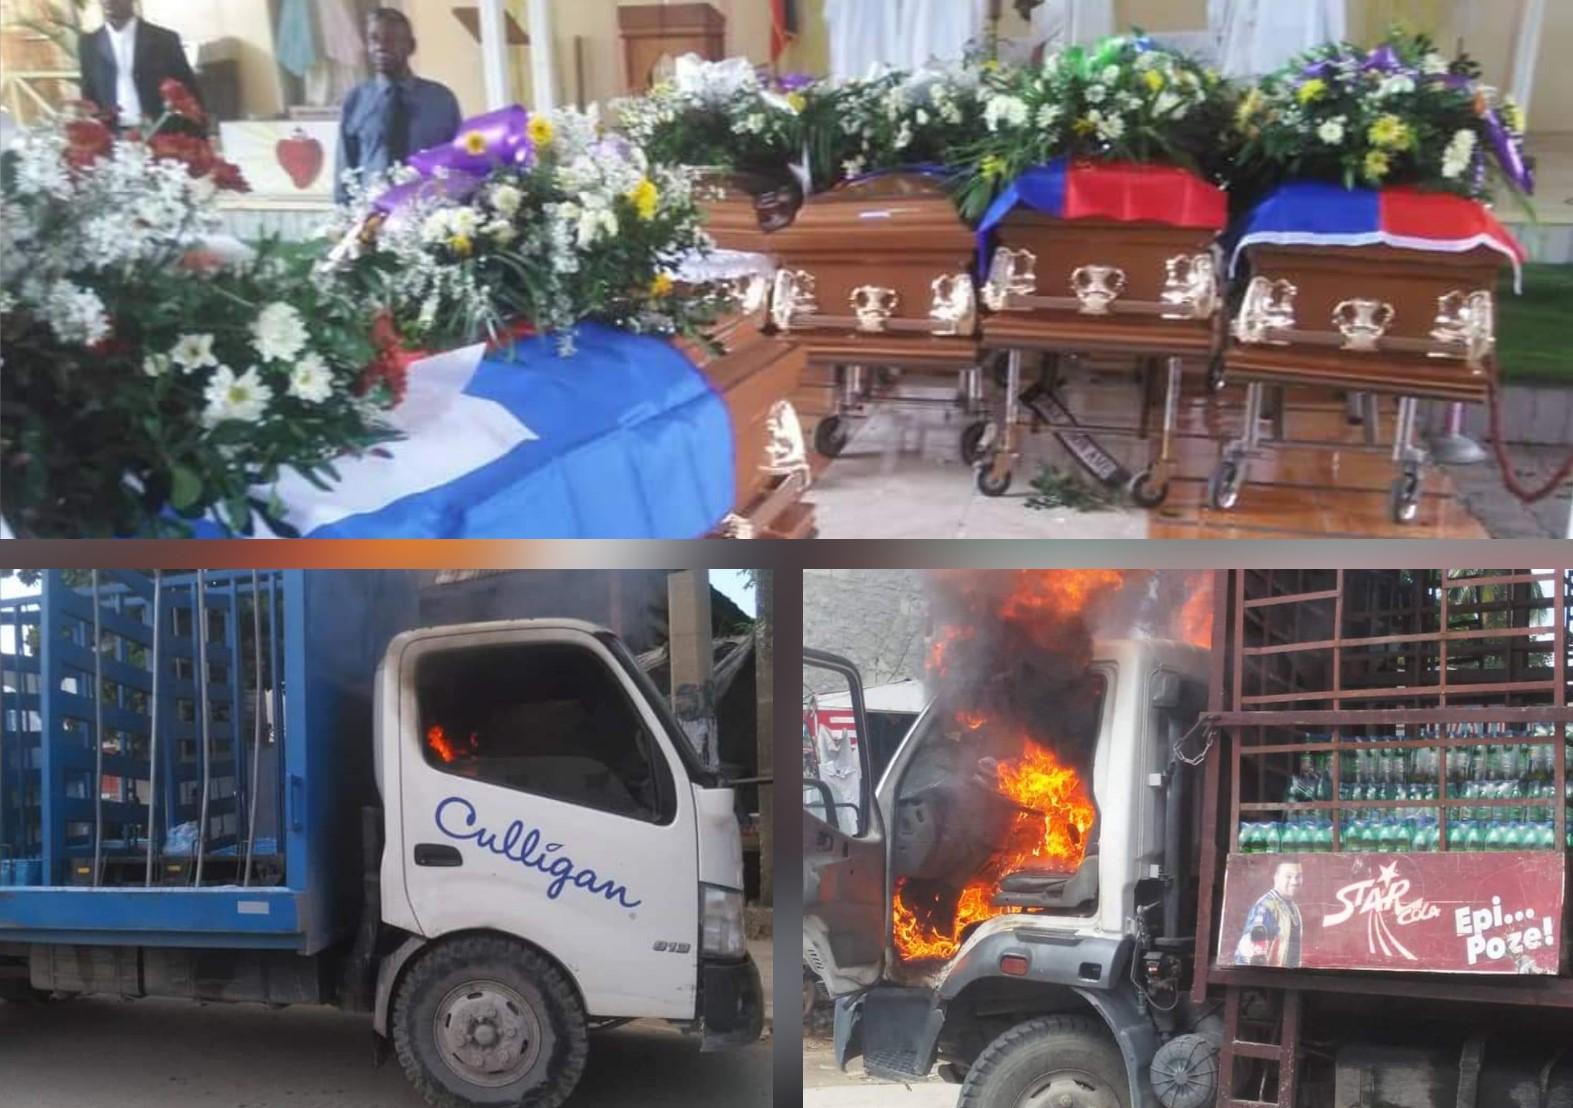 L'exposition des cerceuils, puis les 2 camions incendiés. Collage: Loop Haïti.